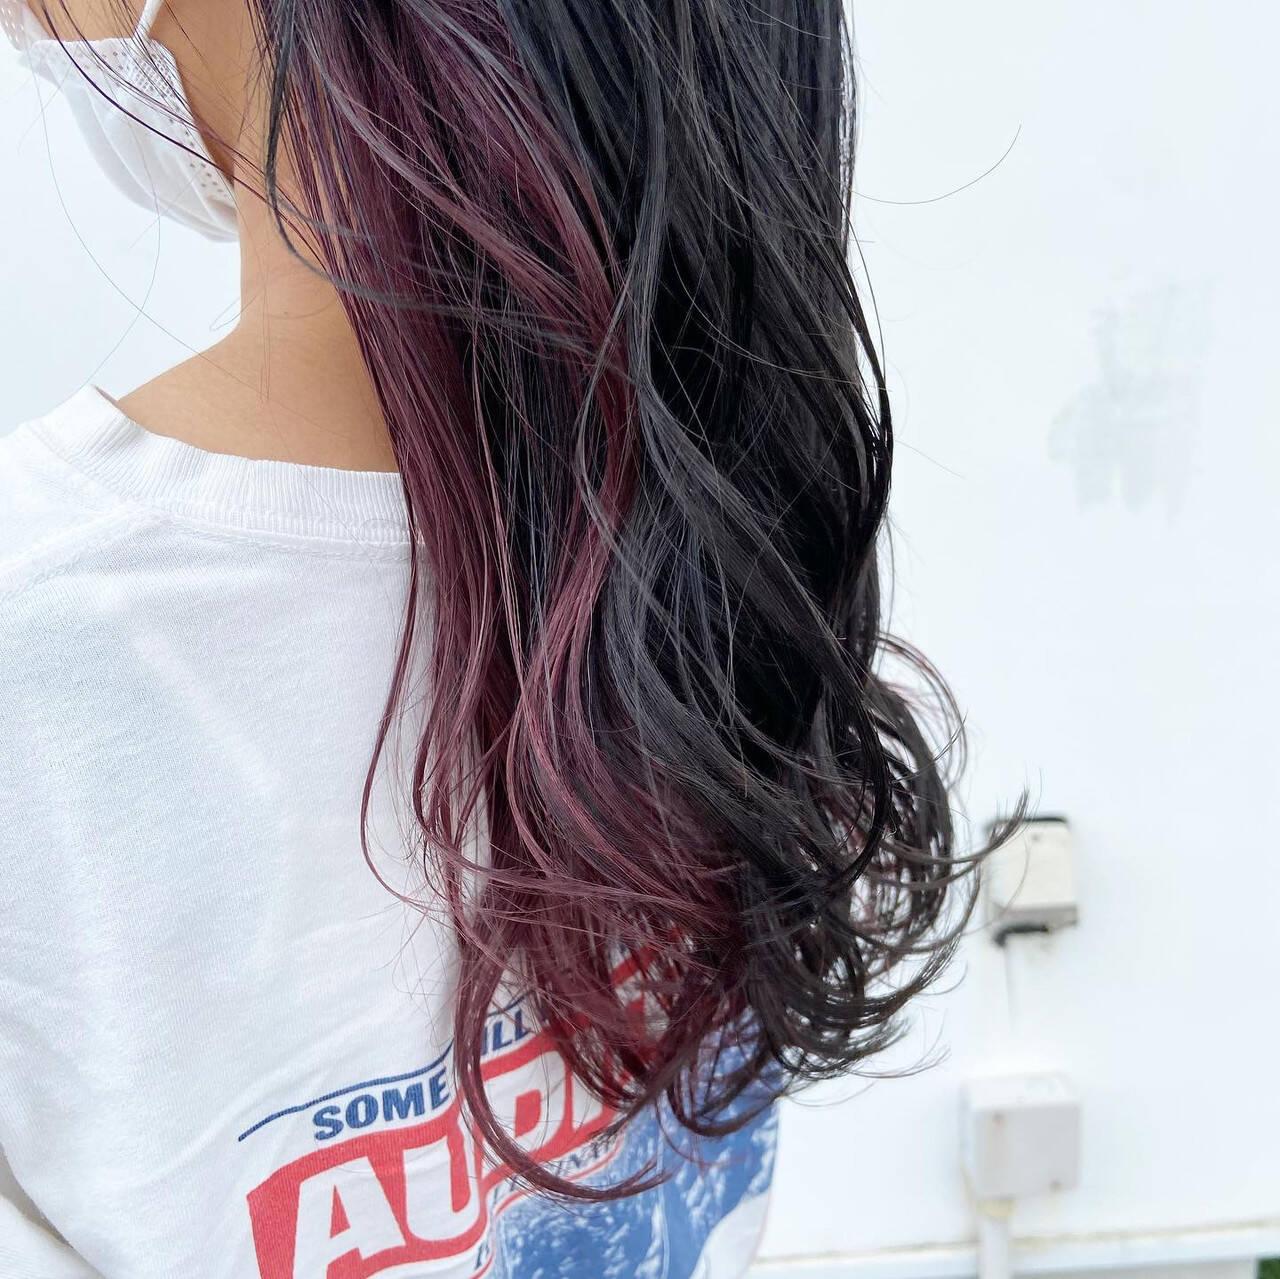 グレージュ ラベンダーピンク セミロング ピンクアッシュヘアスタイルや髪型の写真・画像